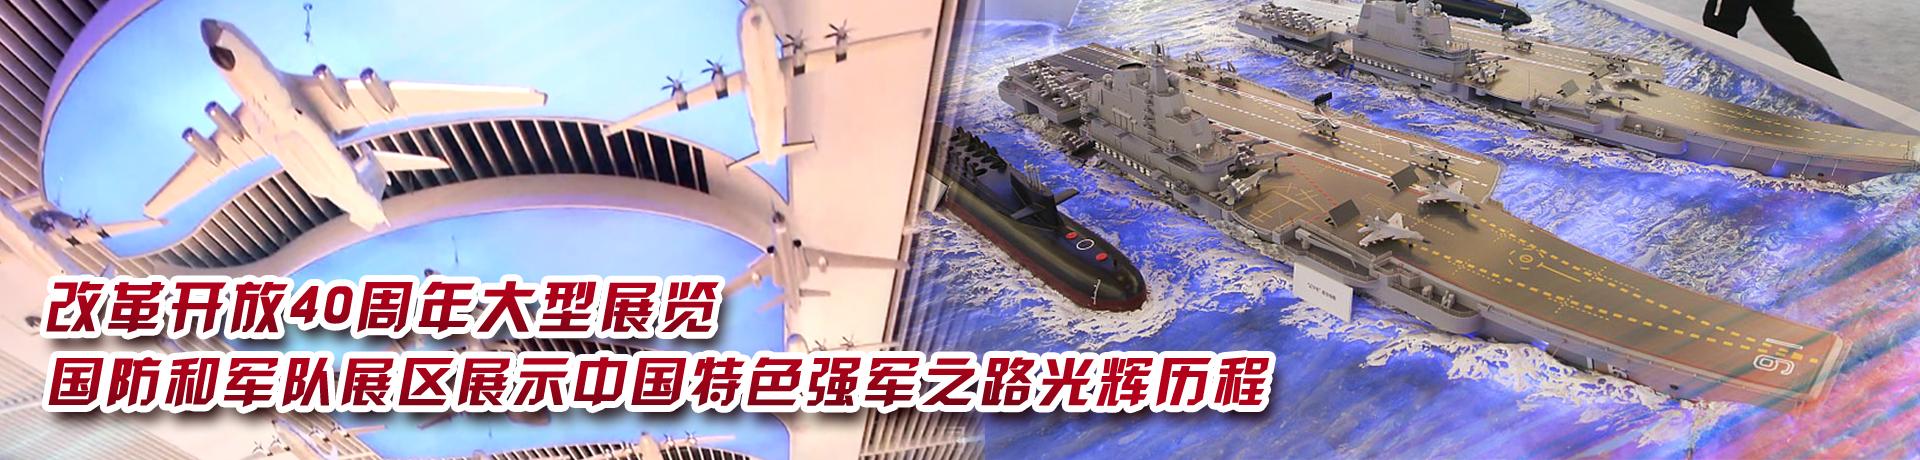 国防和军队展区展示中国特色强军之路光辉历程